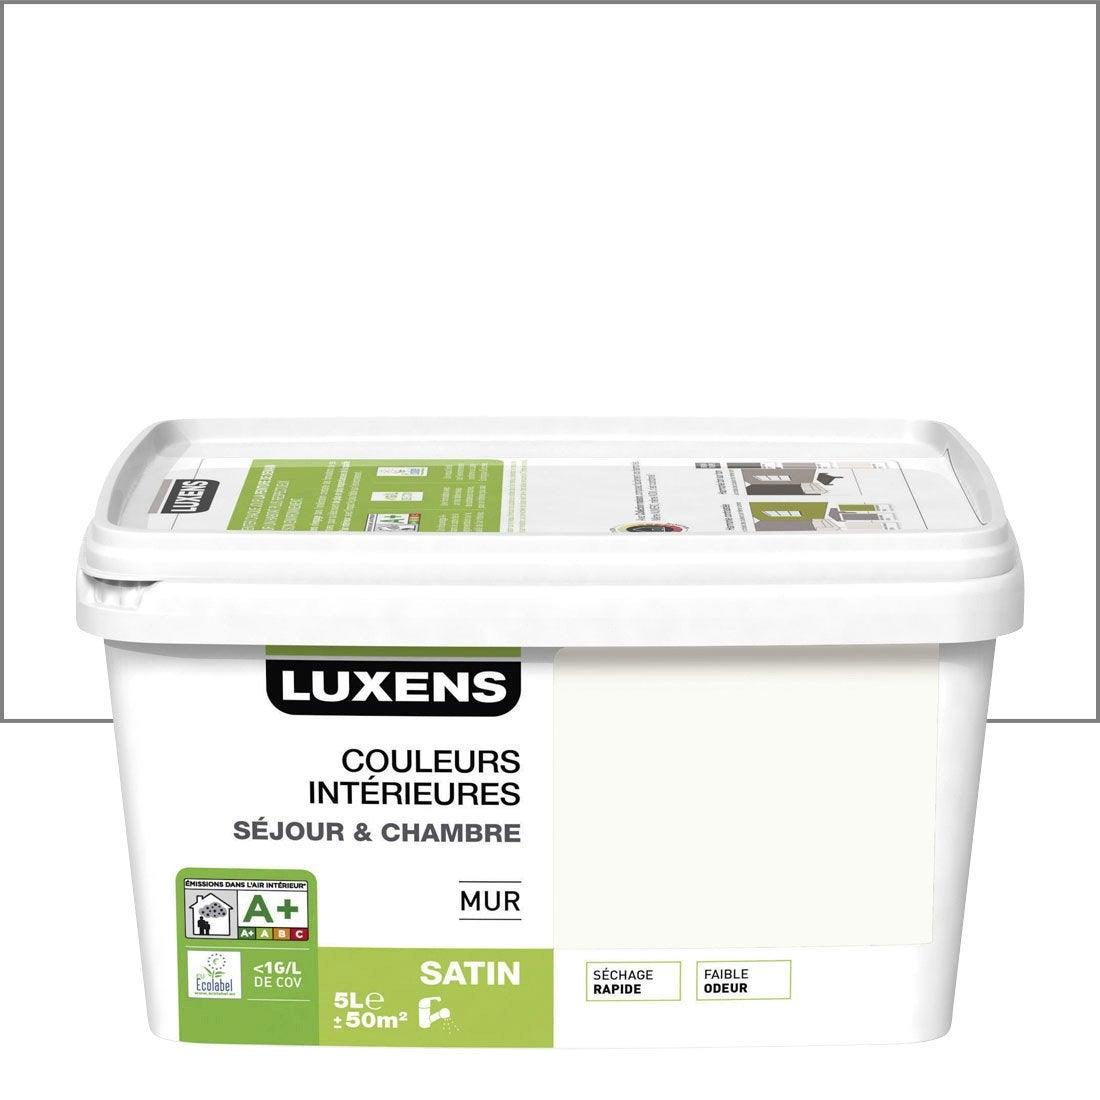 Peinture blanc calcaire 3 luxens couleurs int rieures 5 l - Peinture leroy merlin luxens ...